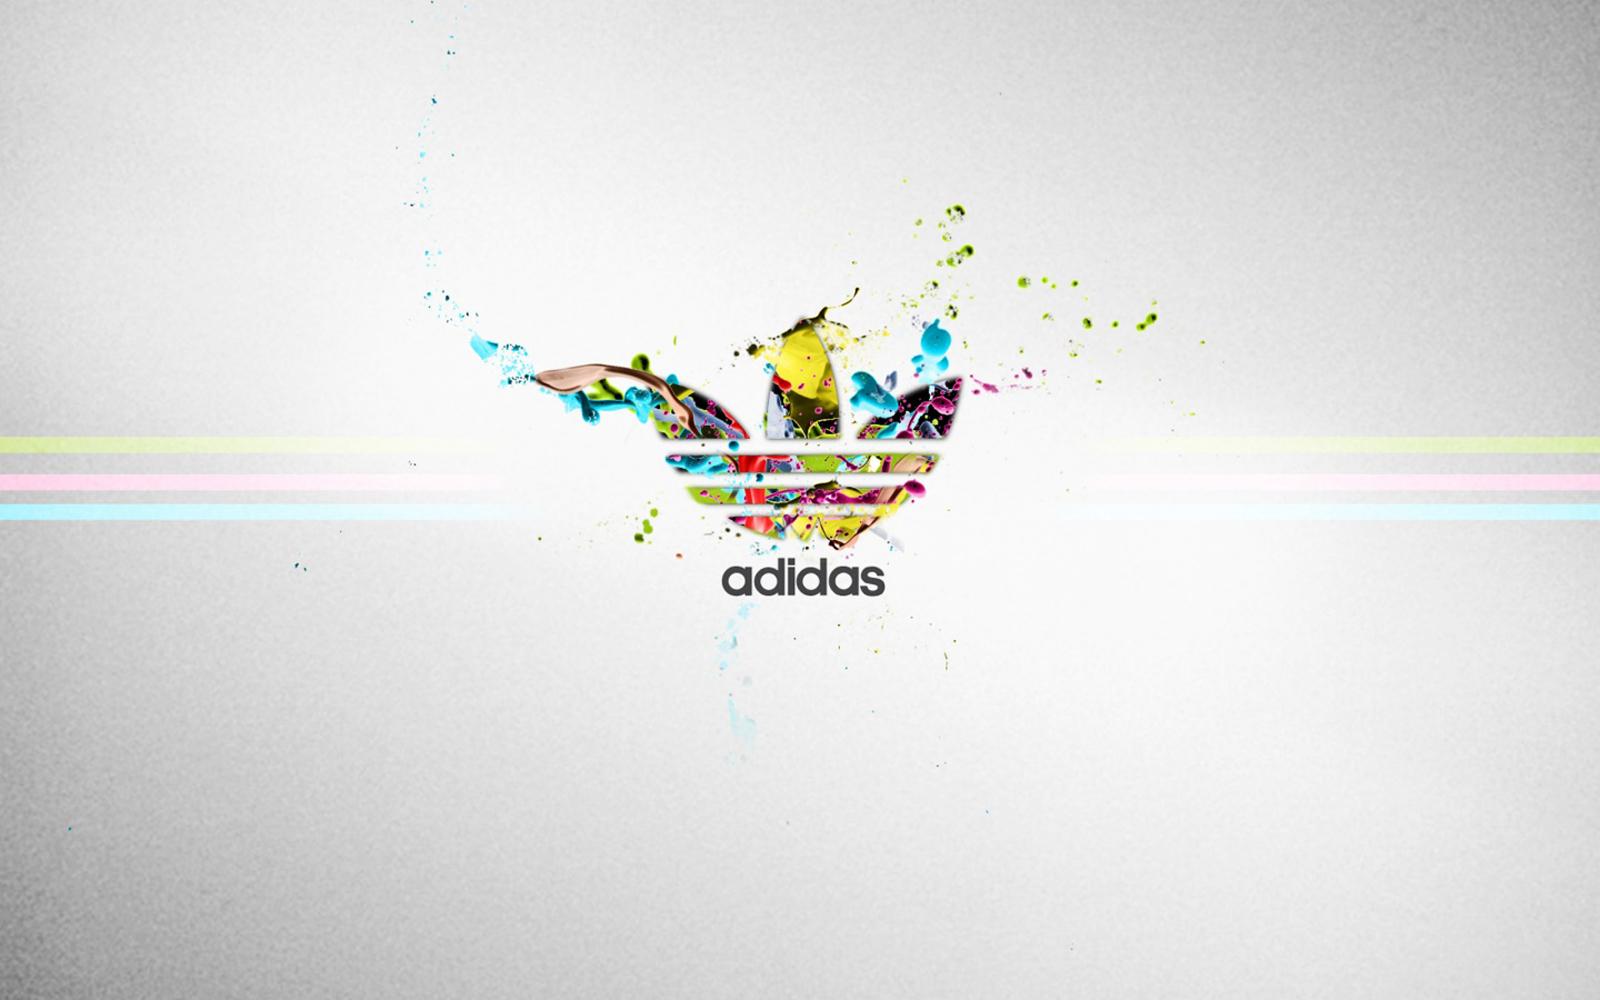 http://1.bp.blogspot.com/-Xe1eM5M22hY/UALlxGPbQmI/AAAAAAAACyA/08mbph4jY6E/s1600/Adidas_Logo_Colorful_Paints_HD_Wallpaper-Vvallpaper.Net.jpg